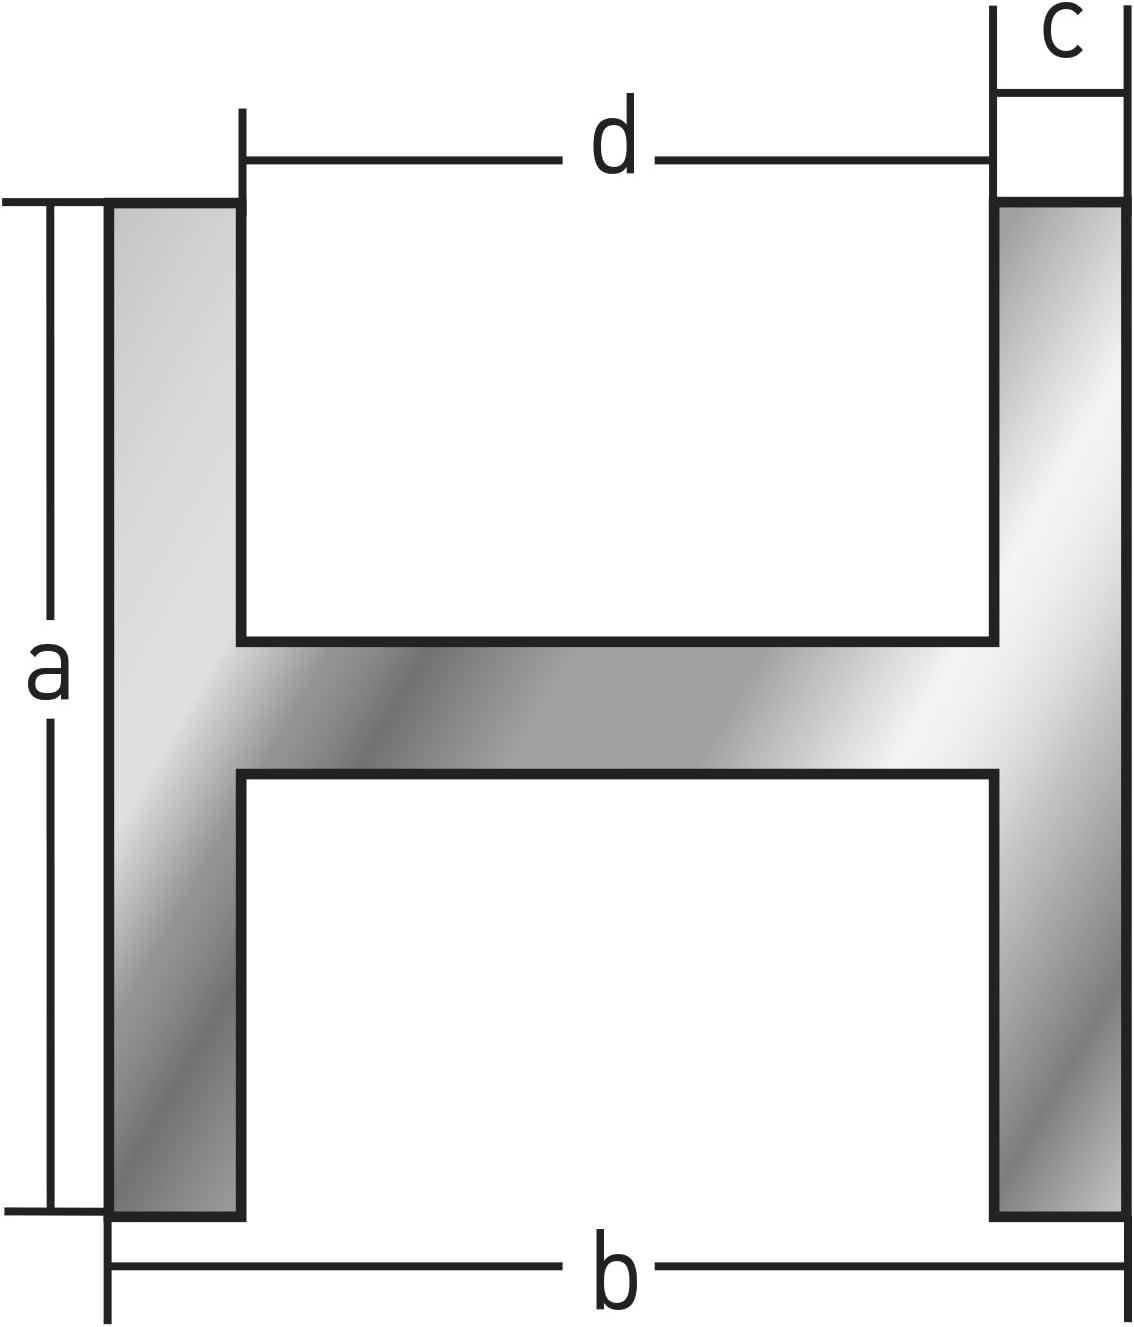 4 millimetri x 1.000 LANGLITZ Metalle Alluminio anodizzato Alluminio hProfile Profilo per dimensioni interne 4 Innen 6 mm 516 mm 20x9x1,5